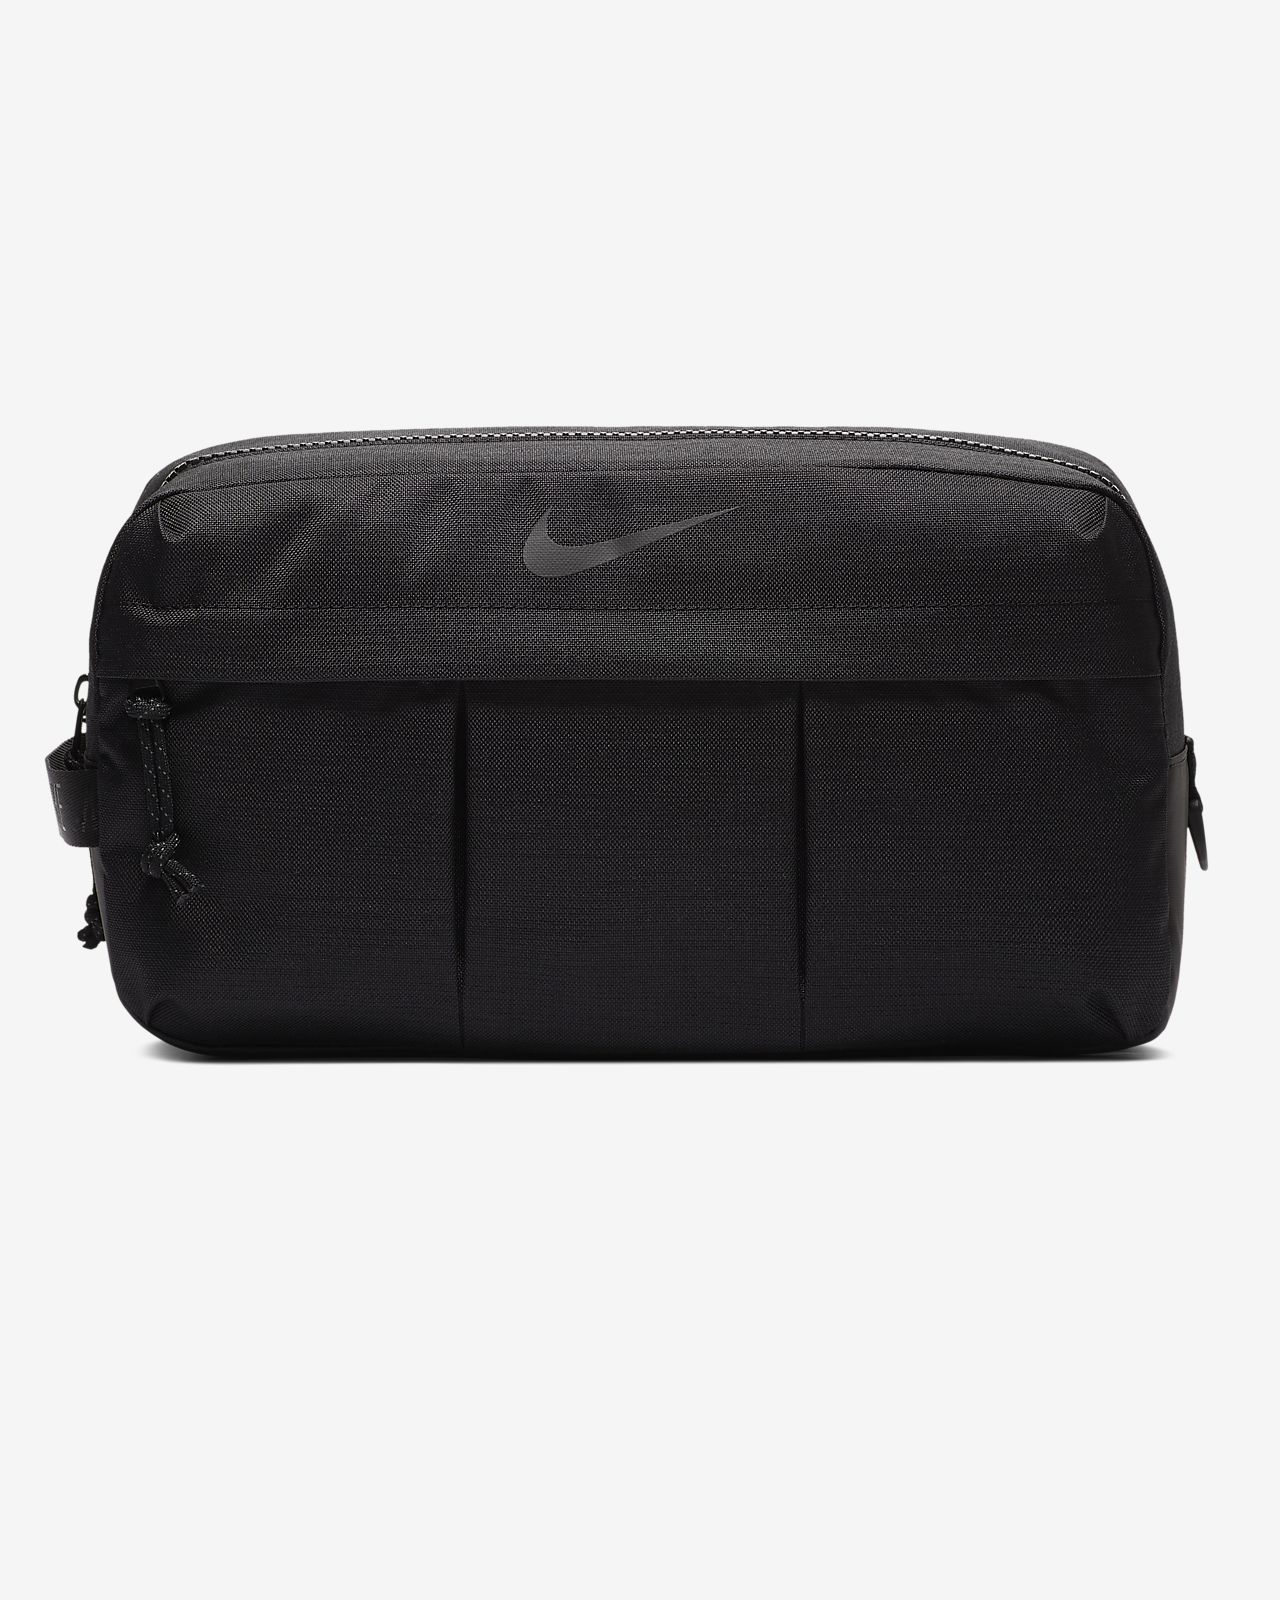 Τσάντα για παπούτσια προπόνησης Nike Vapor